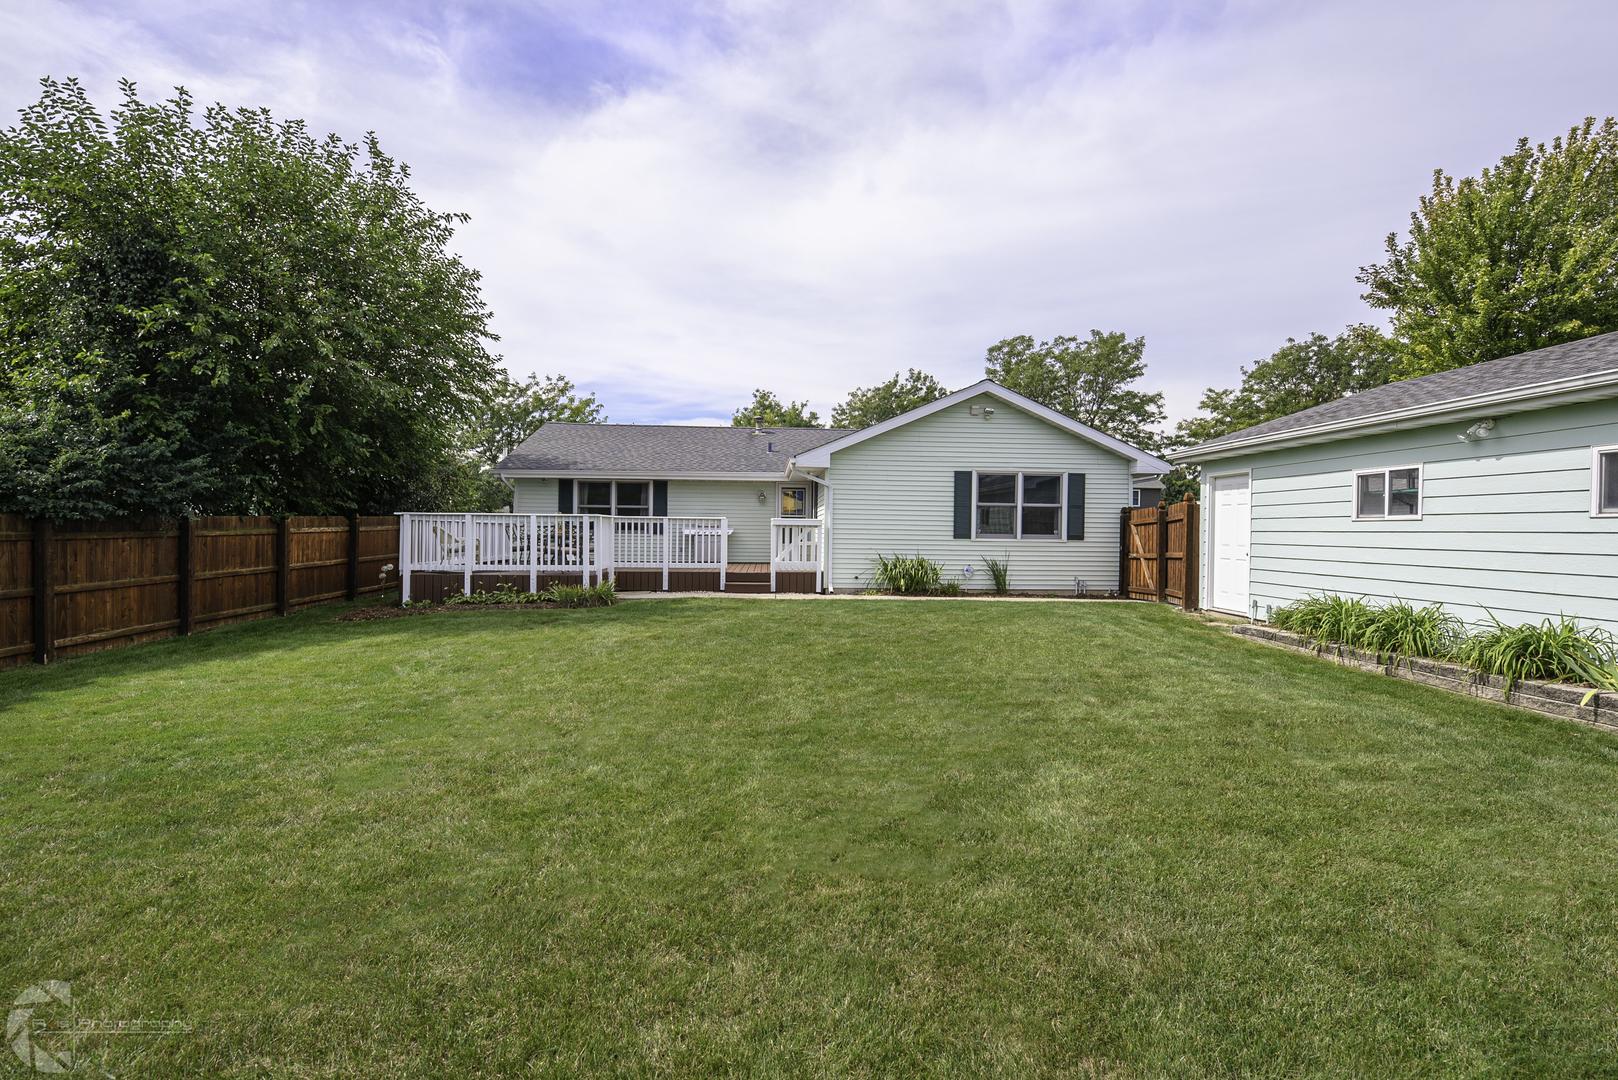 1630 BUNKER HILL, Joliet, Illinois, 60435